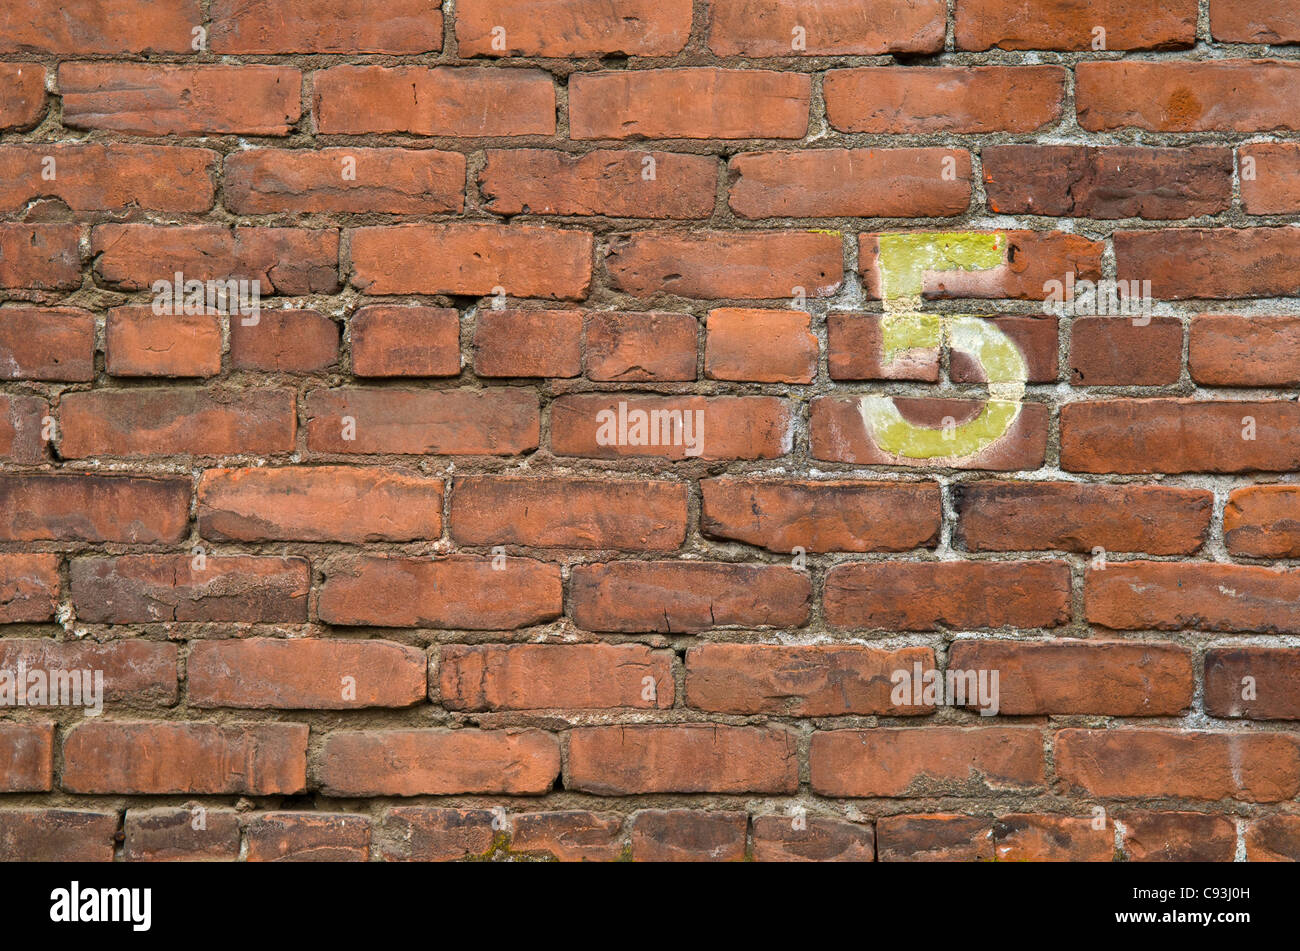 Die Zahl 5 malte auf eine Mauer im Pearl District von Portland, Oregon. Stockbild